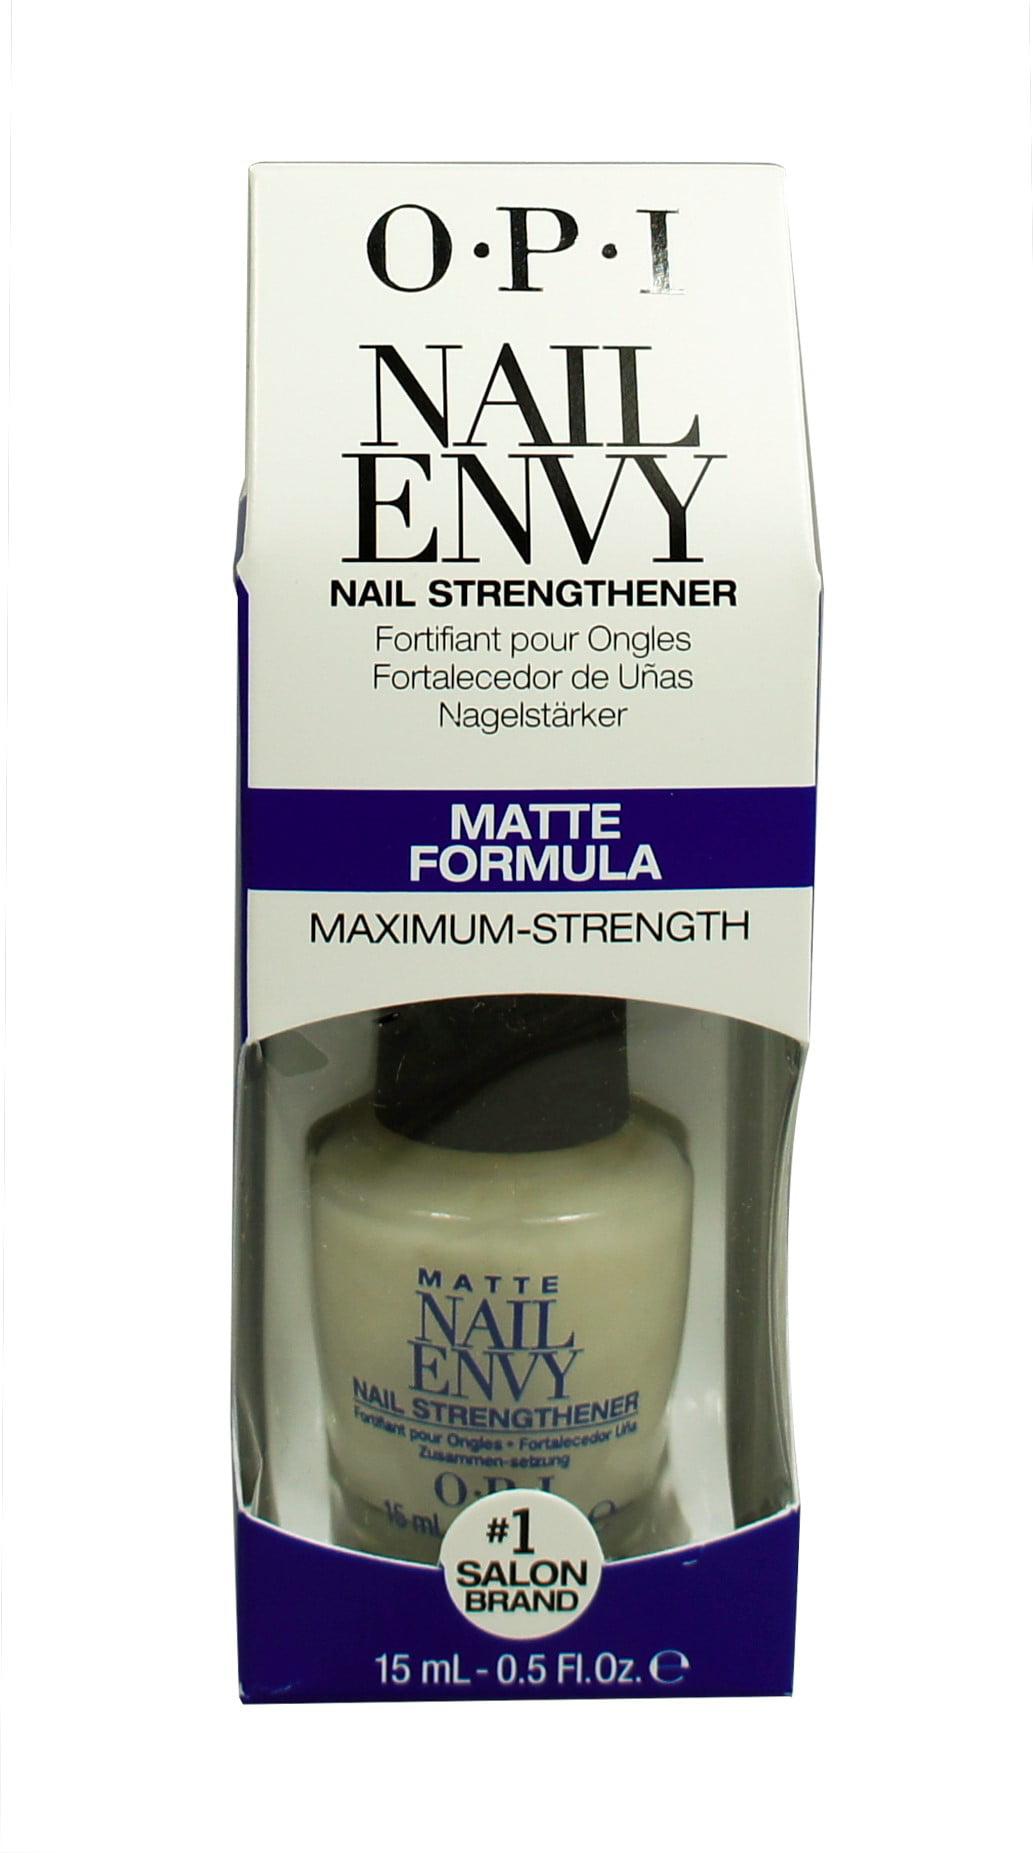 OPI Nail Envy Matte, 0.5 oz - Walmart.com